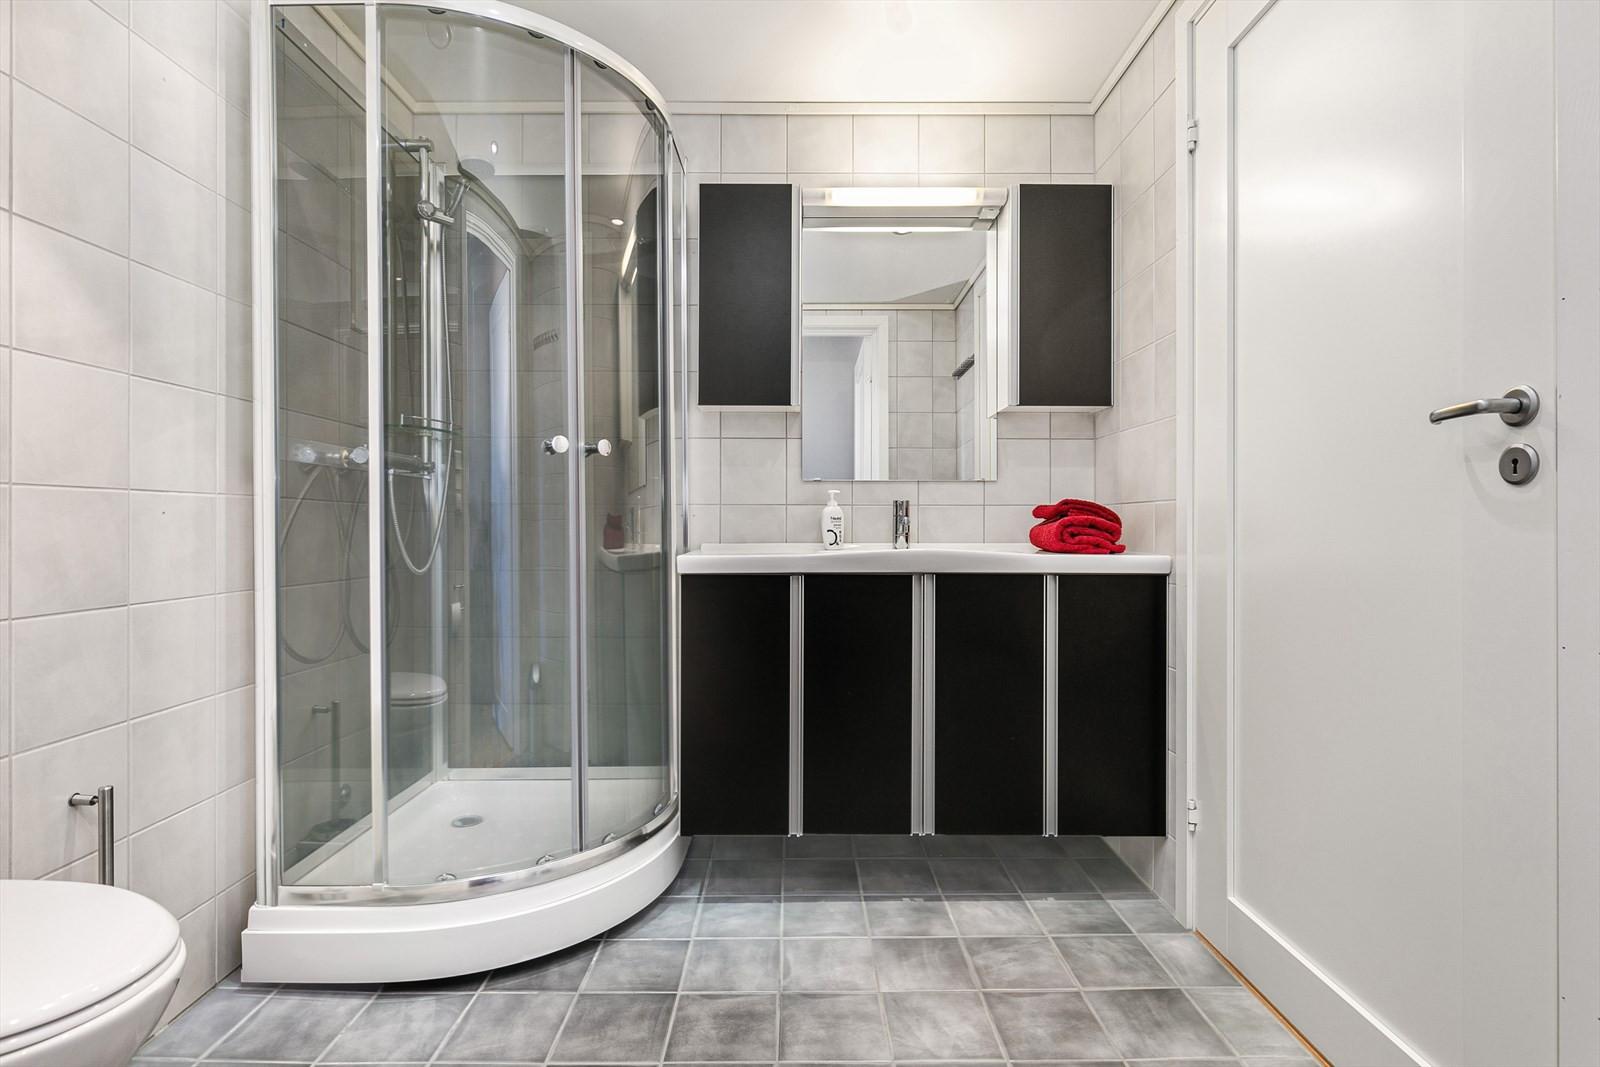 Flislagt badrom med moderne innredninger.